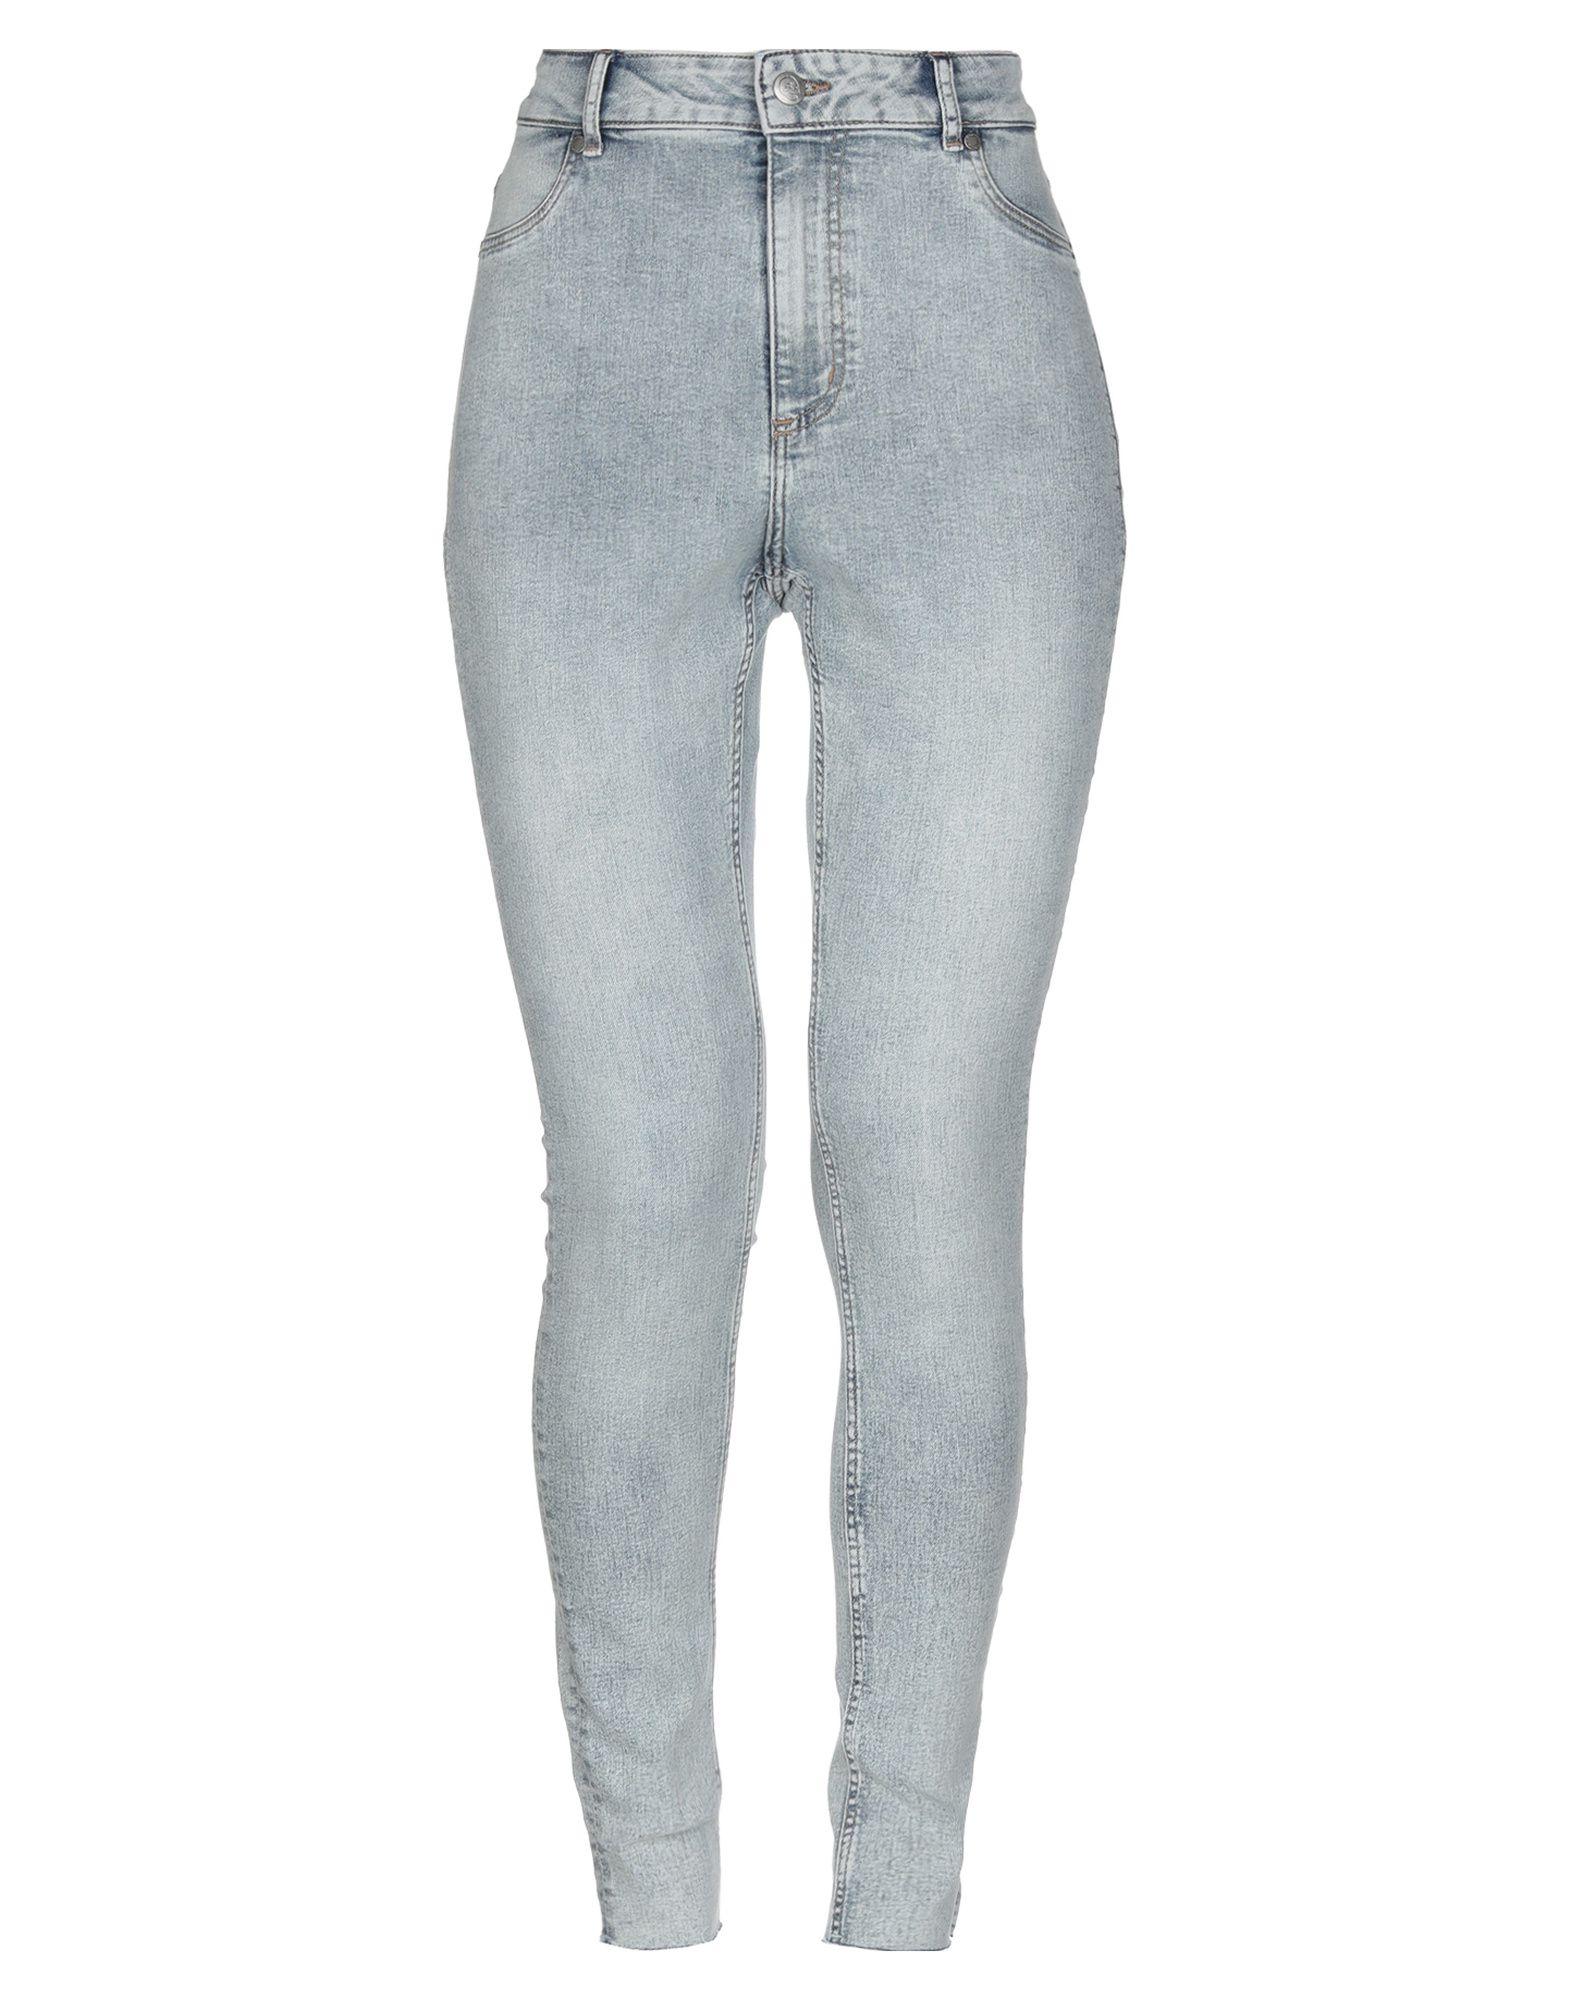 Pantaloni Jeans Cheap Cheap Cheap Monday donna - 42721423KR cad